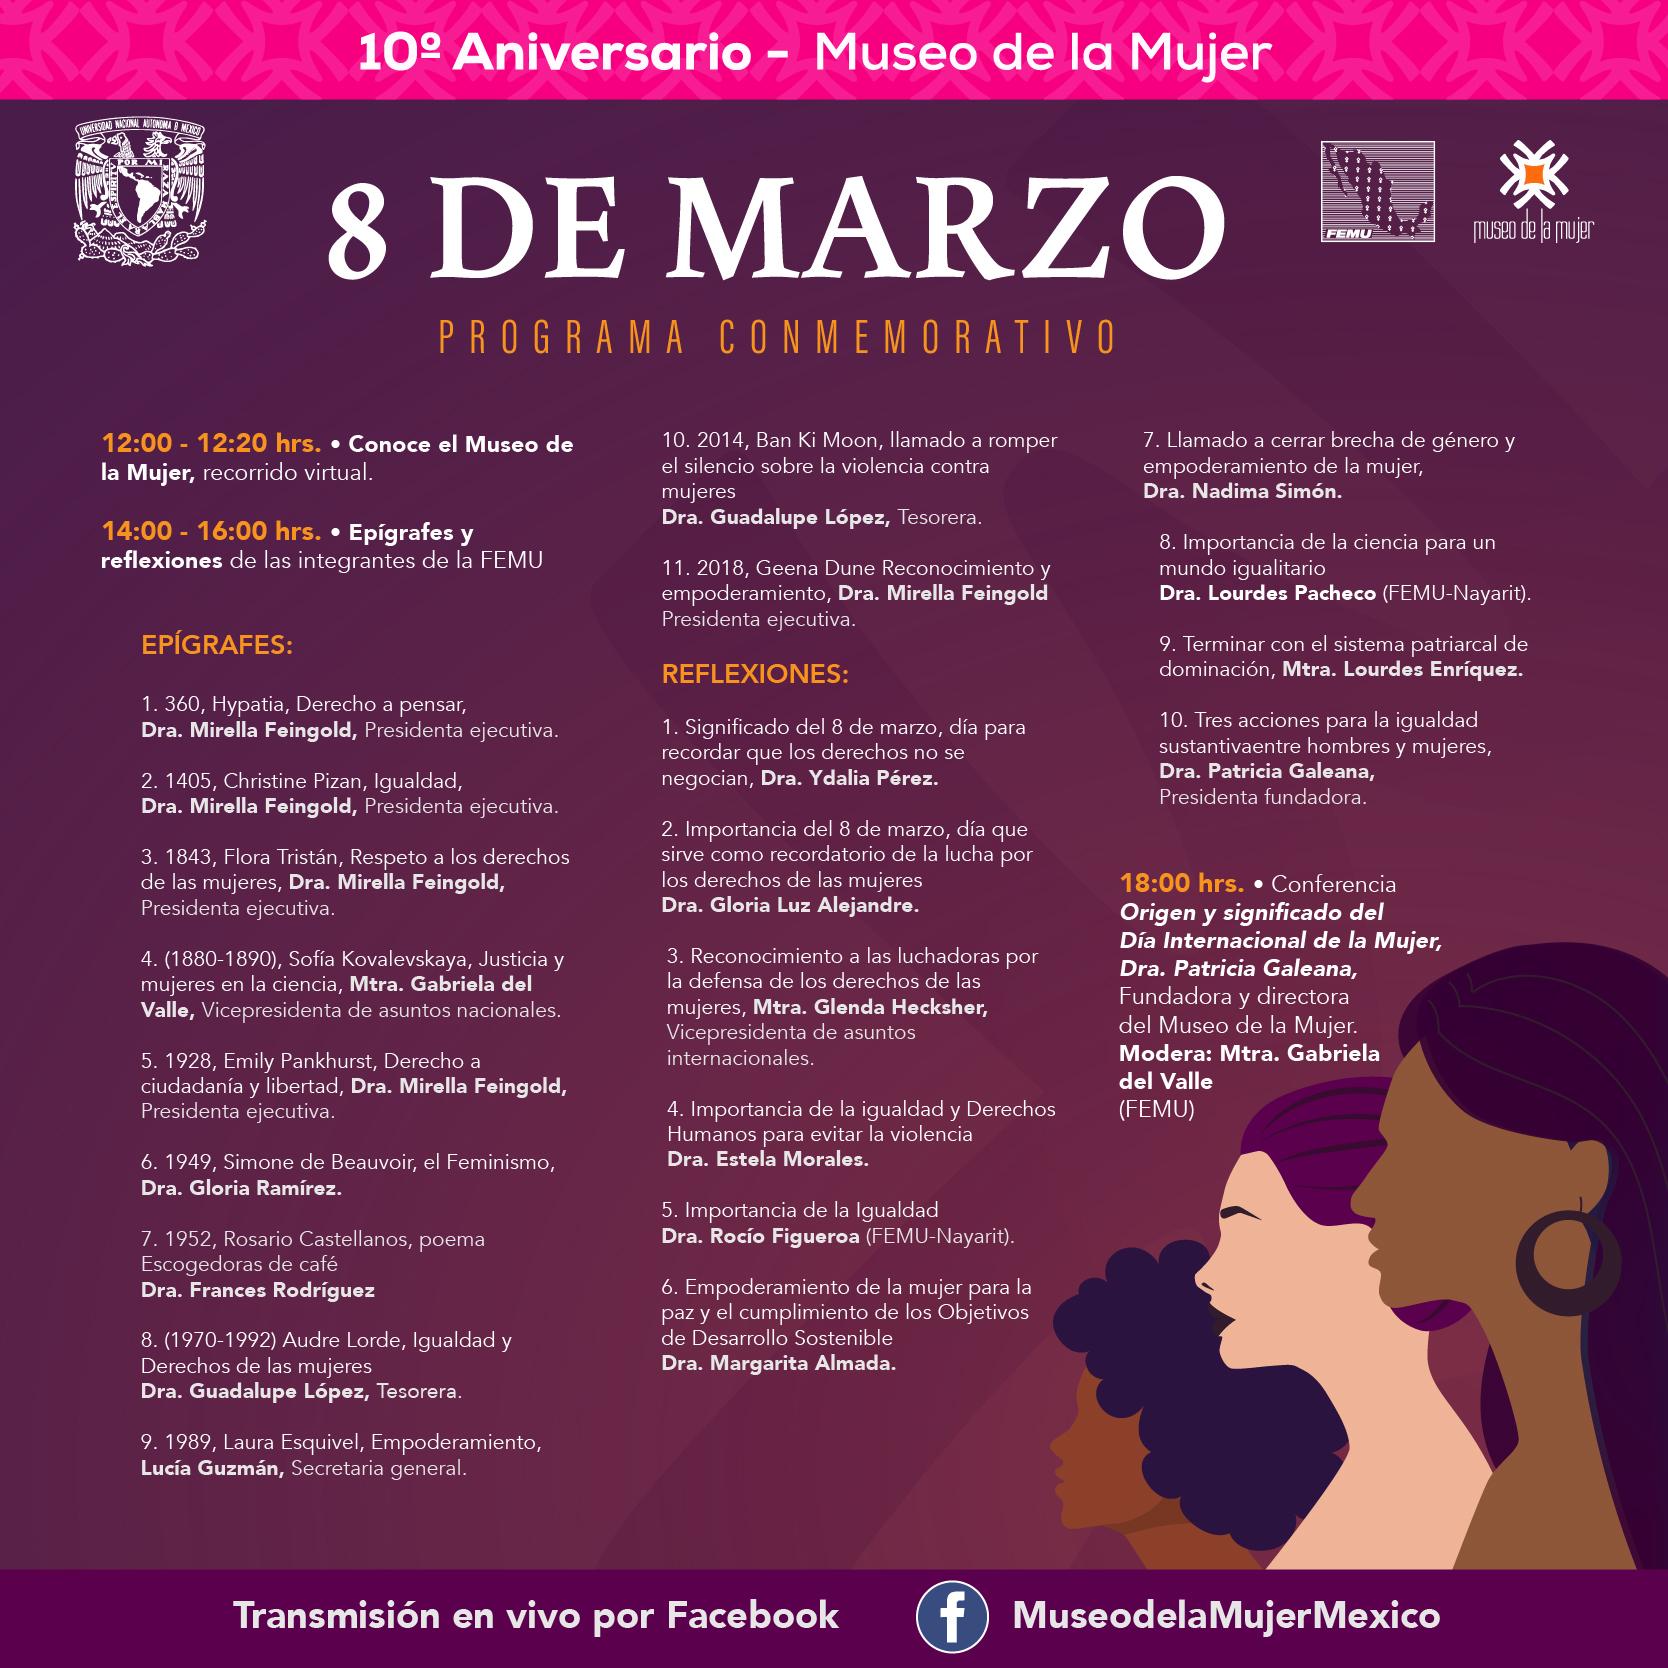 Museo de la Mujer, actividades vituales   @museodelamujer